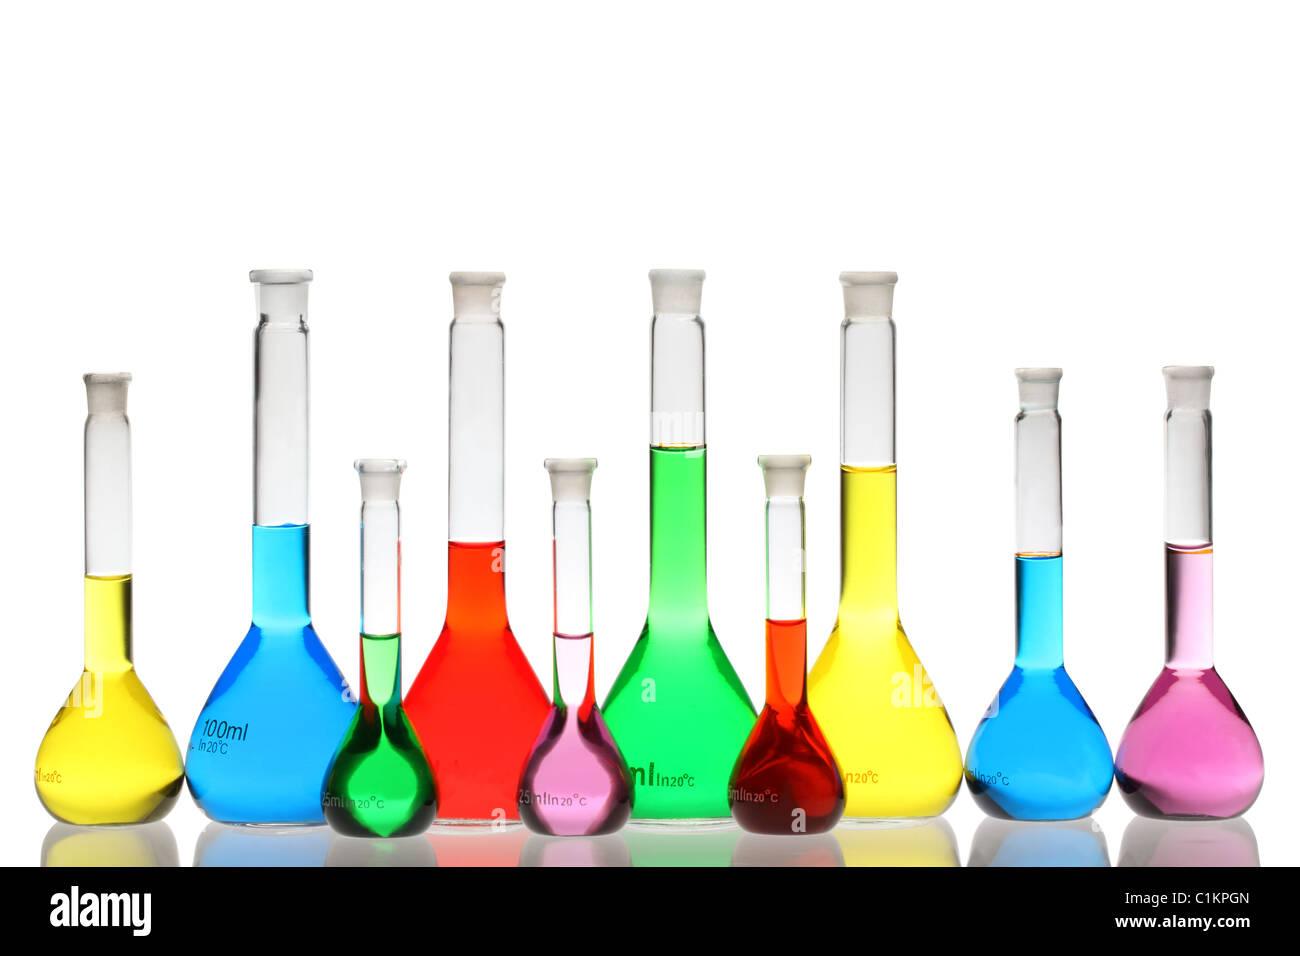 Laborglas mit Flüssigkeiten in verschiedenen Farben, die isoliert auf weißem Hintergrund Stockbild